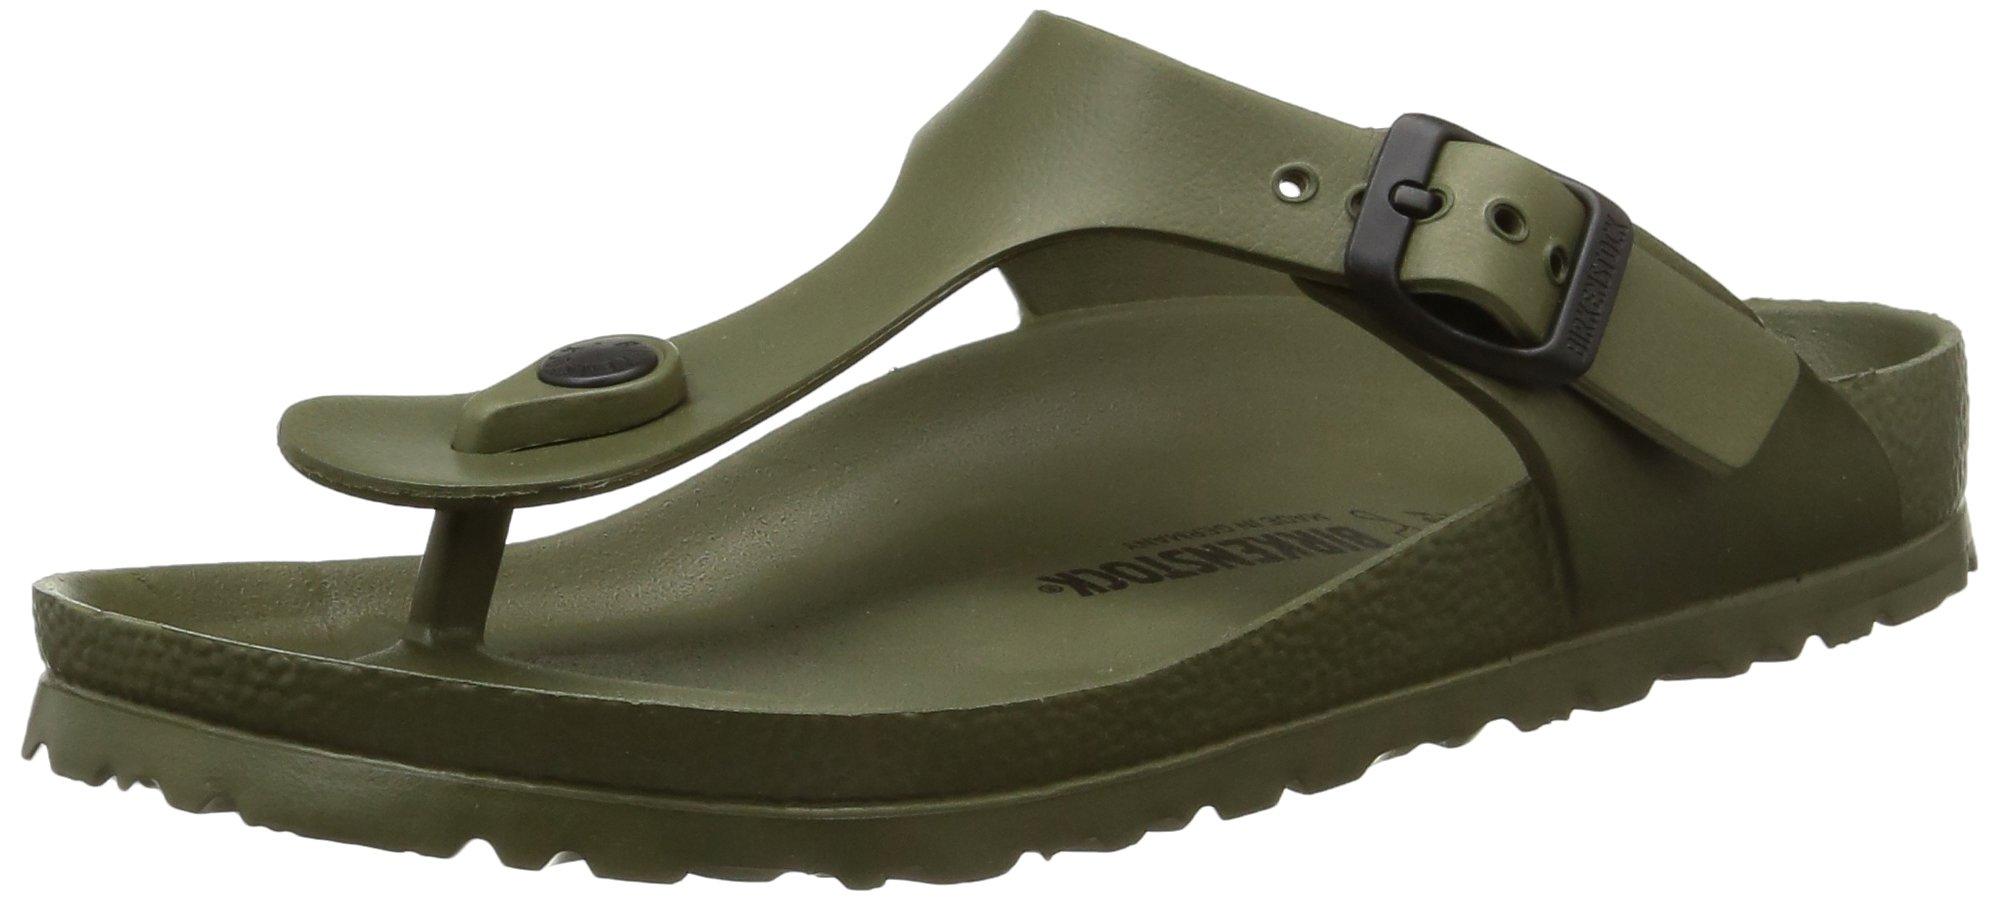 Birkenstock Womens Gizeh EVA Sandals Khaki Size 40 M EU